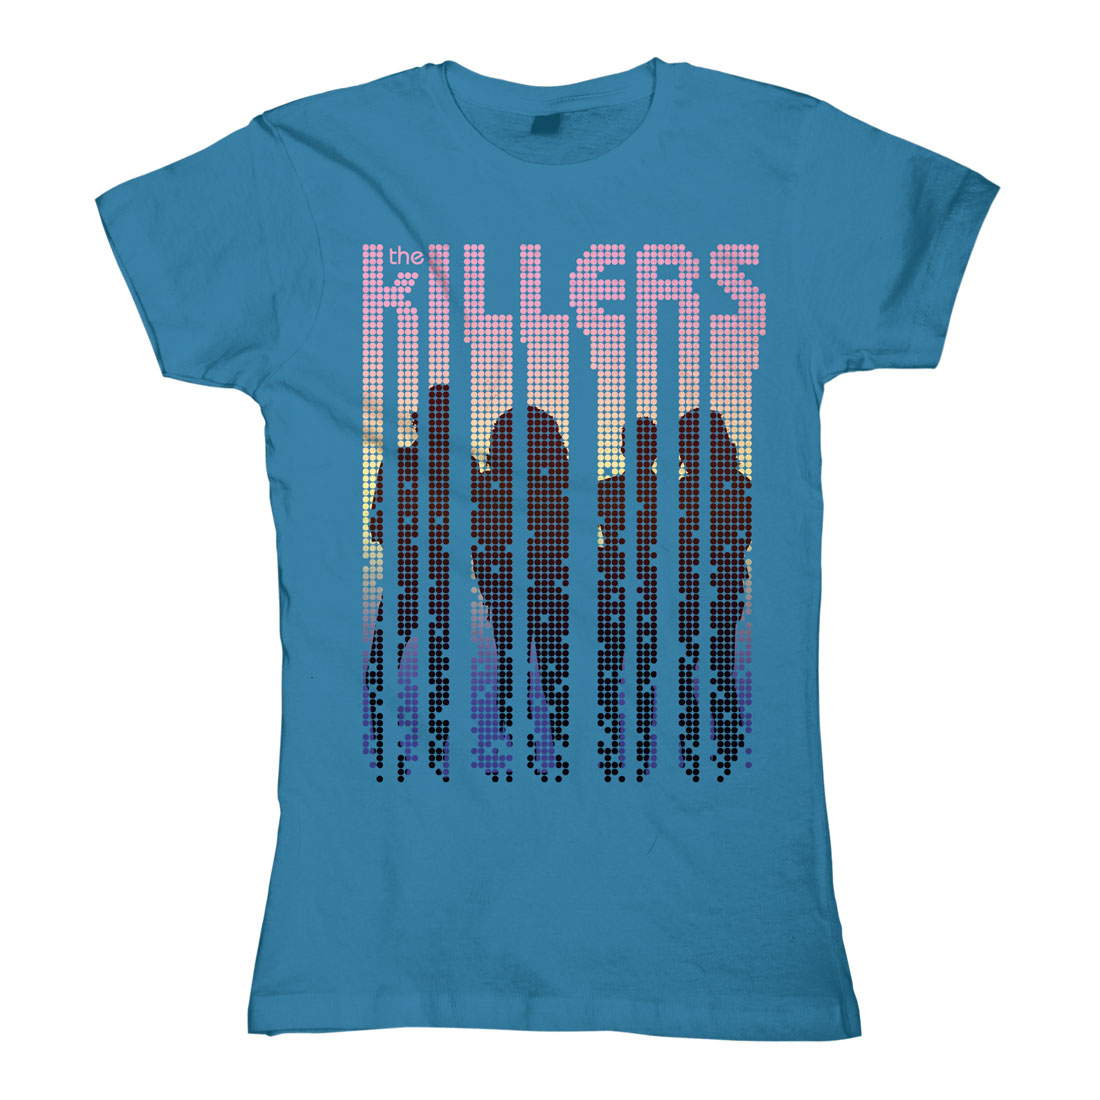 Silhouette Dots von The Killers - Girlie Shirt jetzt im Bravado Shop